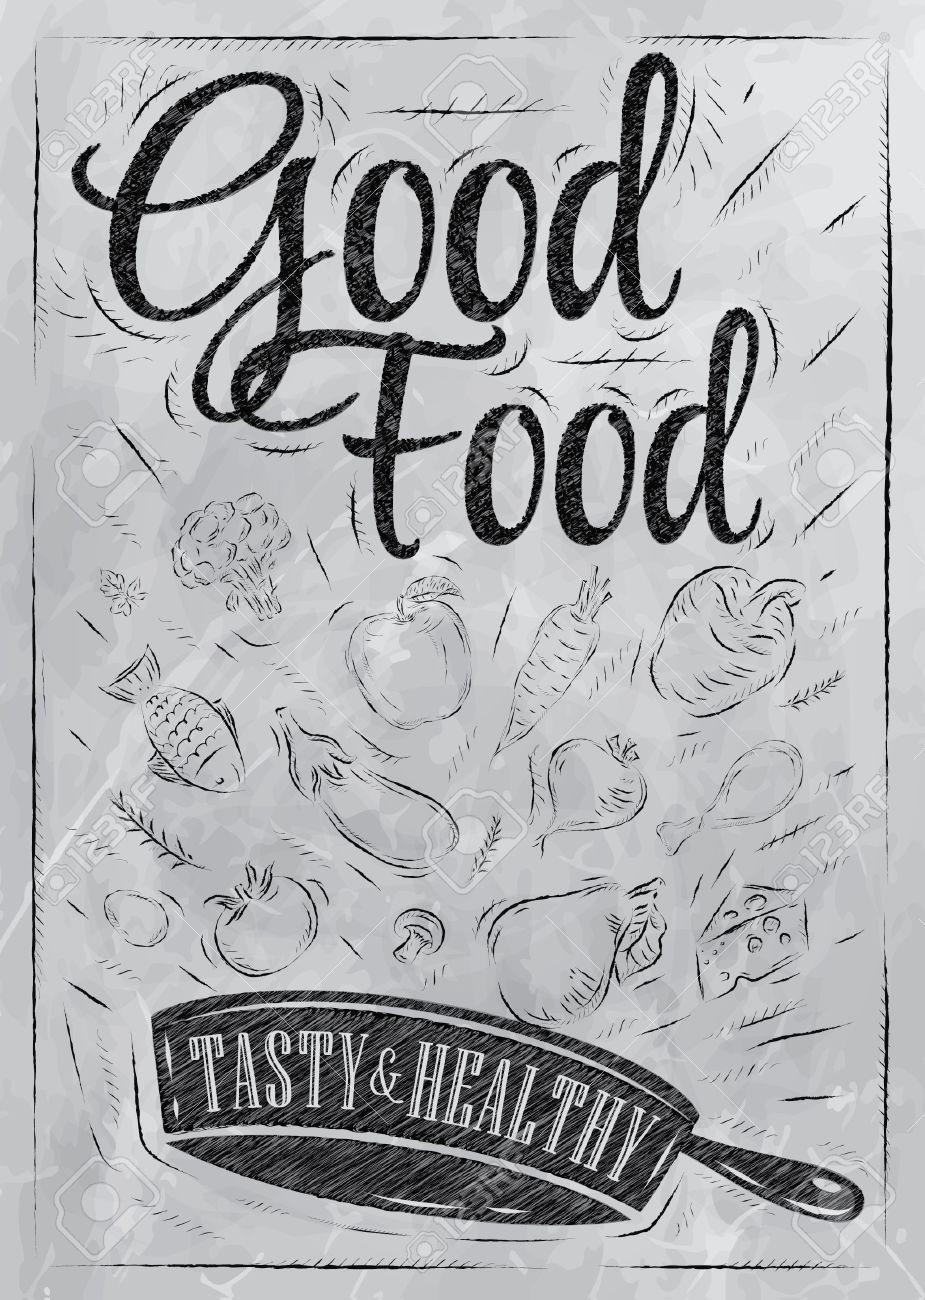 archivio fotografico poster buona cucina con padella in cui i prodotti volano disegno stilizzato con il carbone sulla lavagna